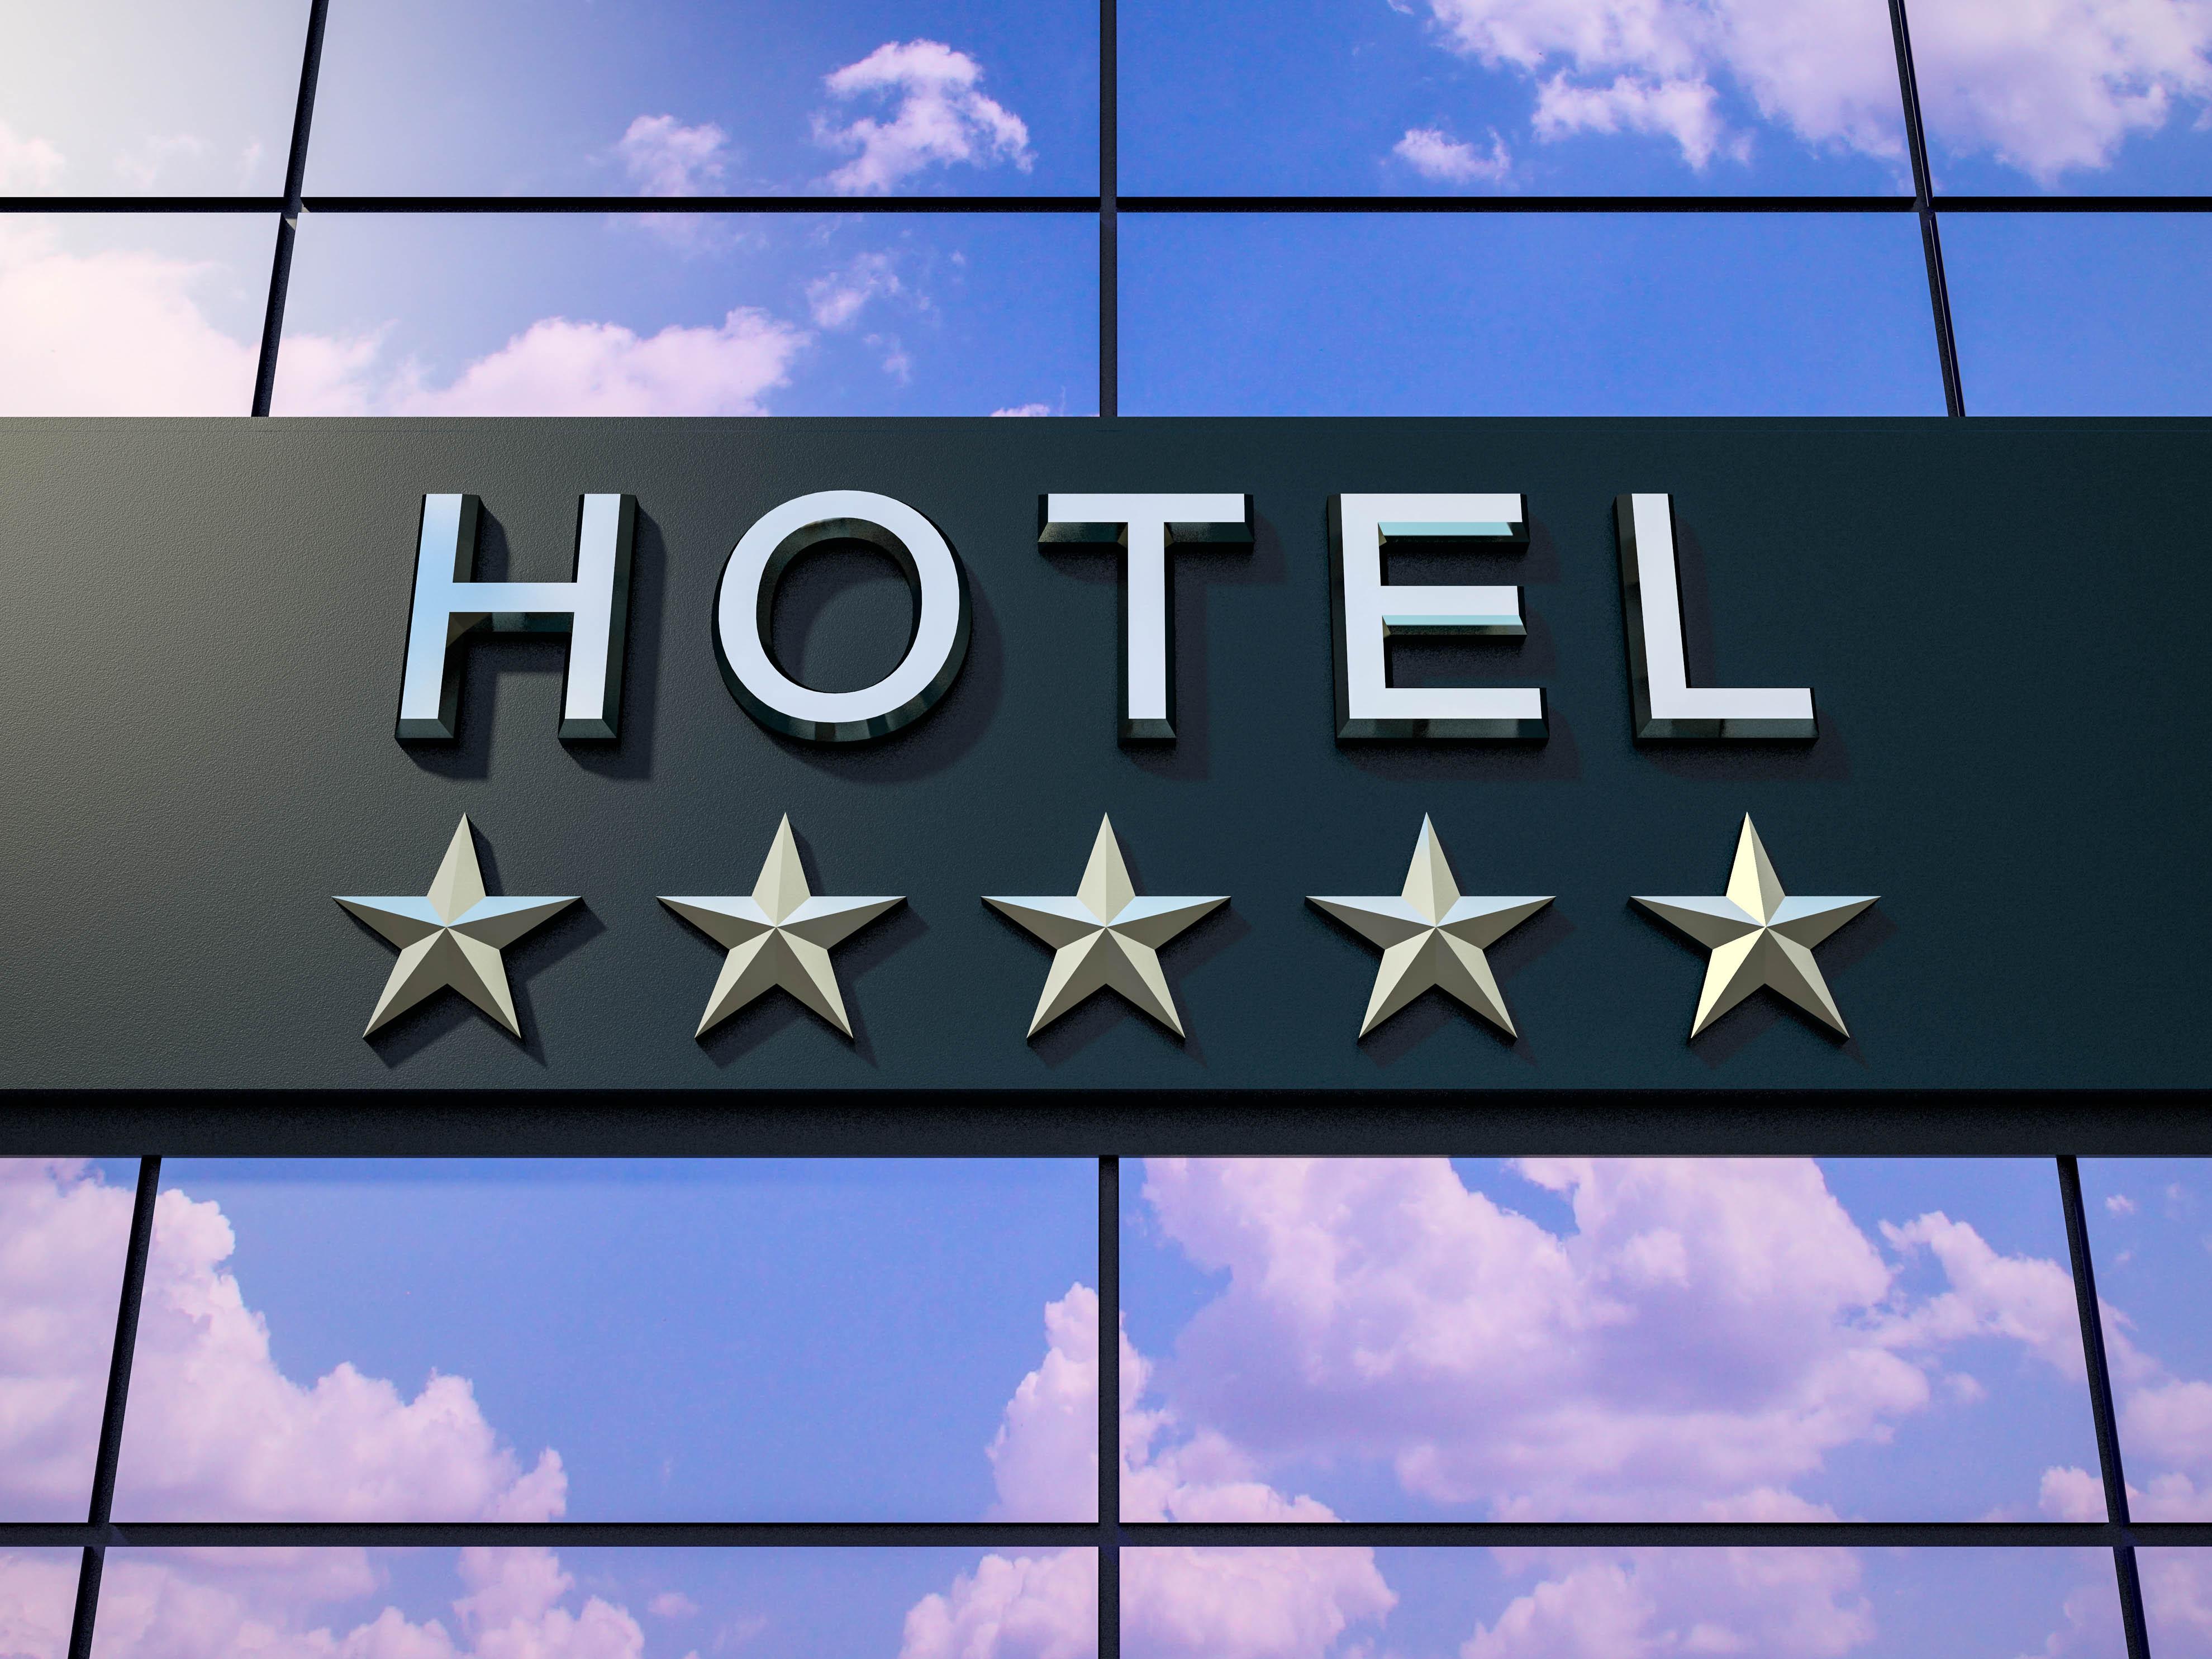 7 sterne hotels mythos oder realit t for Warnemunde 5 sterne hotel